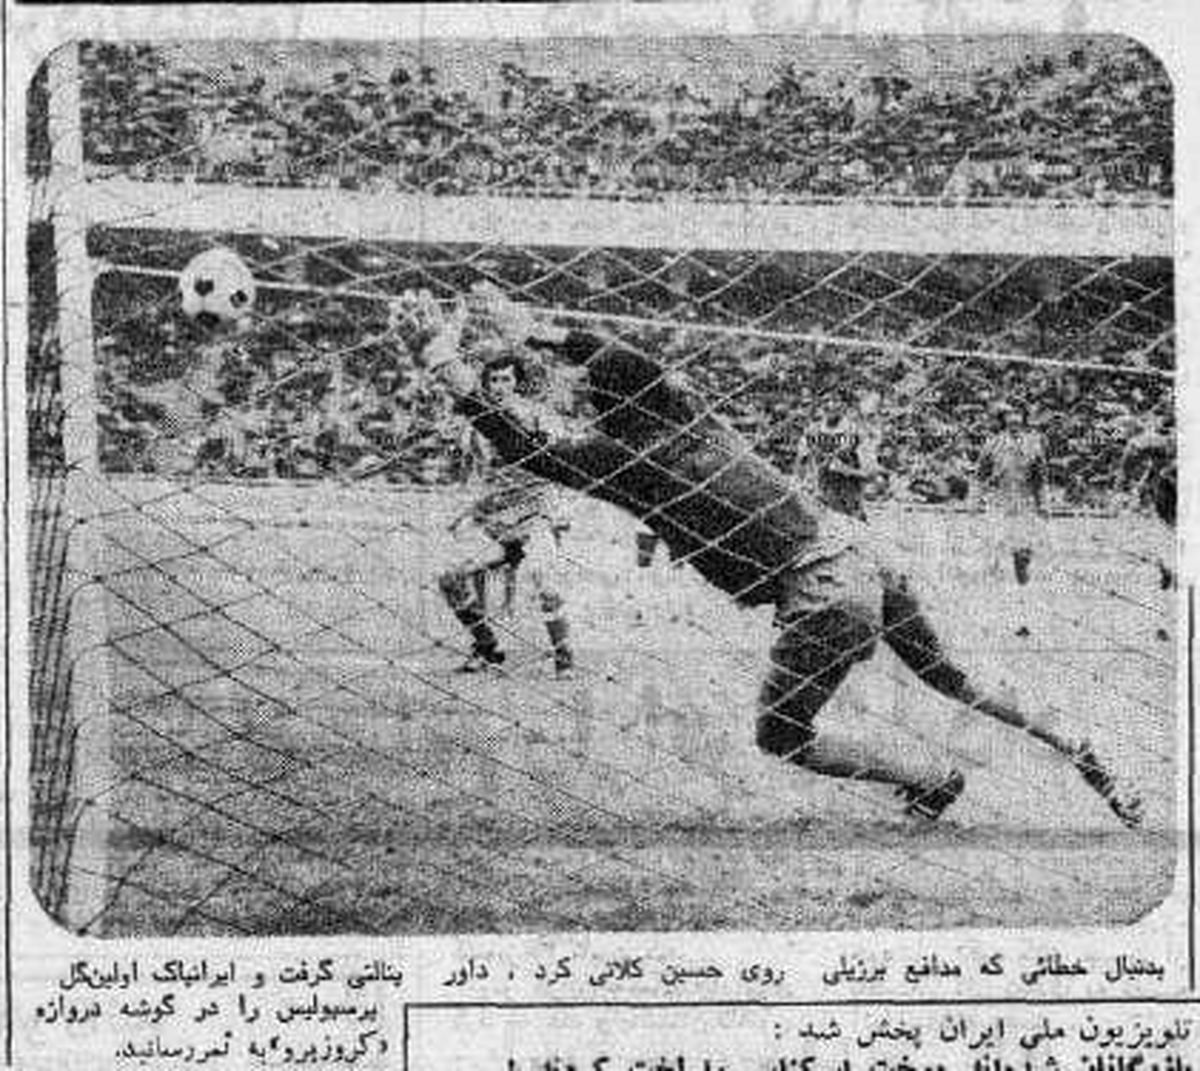 اولین گل یک فوتبالیست ایرانی در آزادی+ عکس